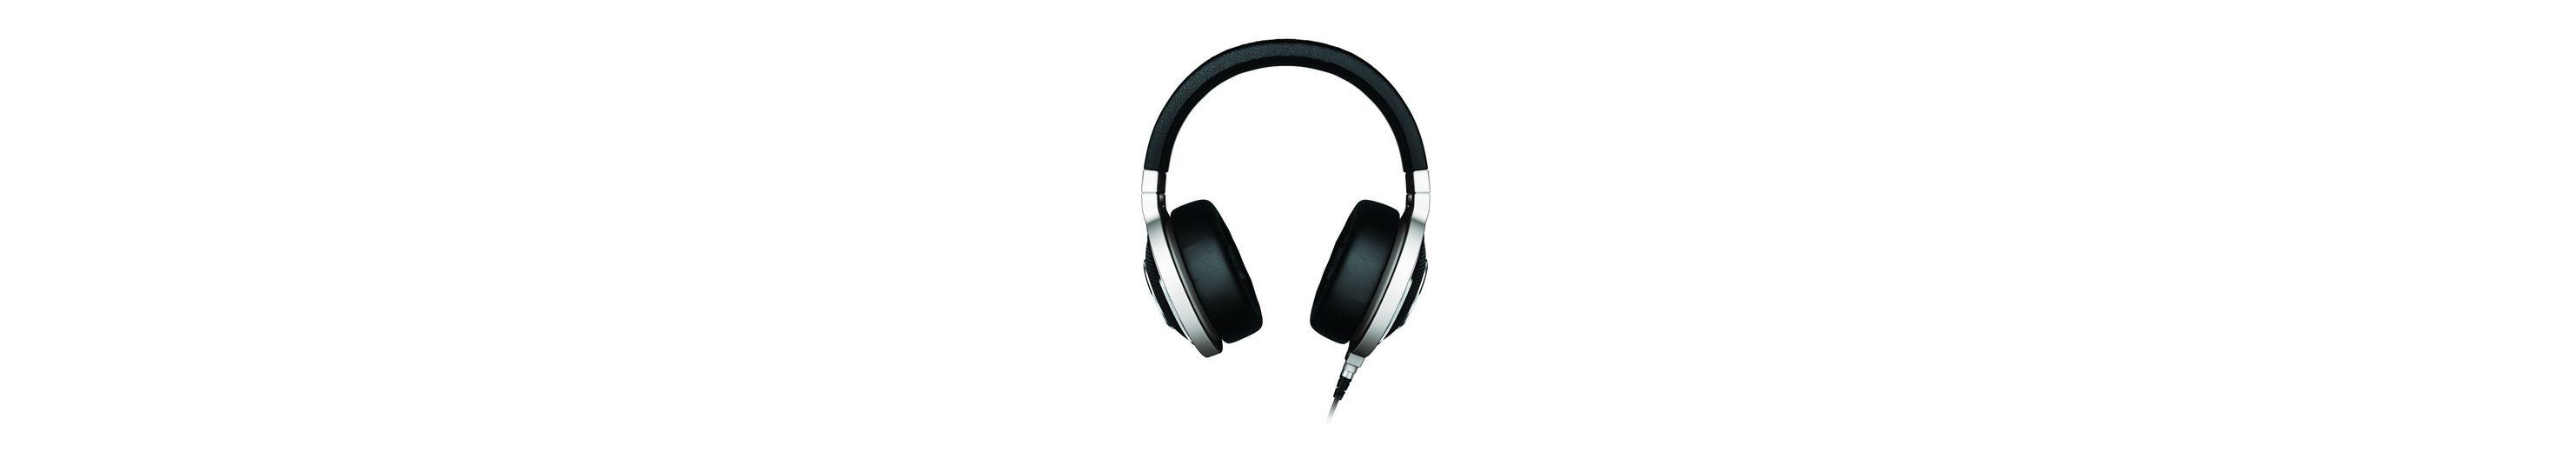 RAZER Gaming Headset »Kraken Forged«